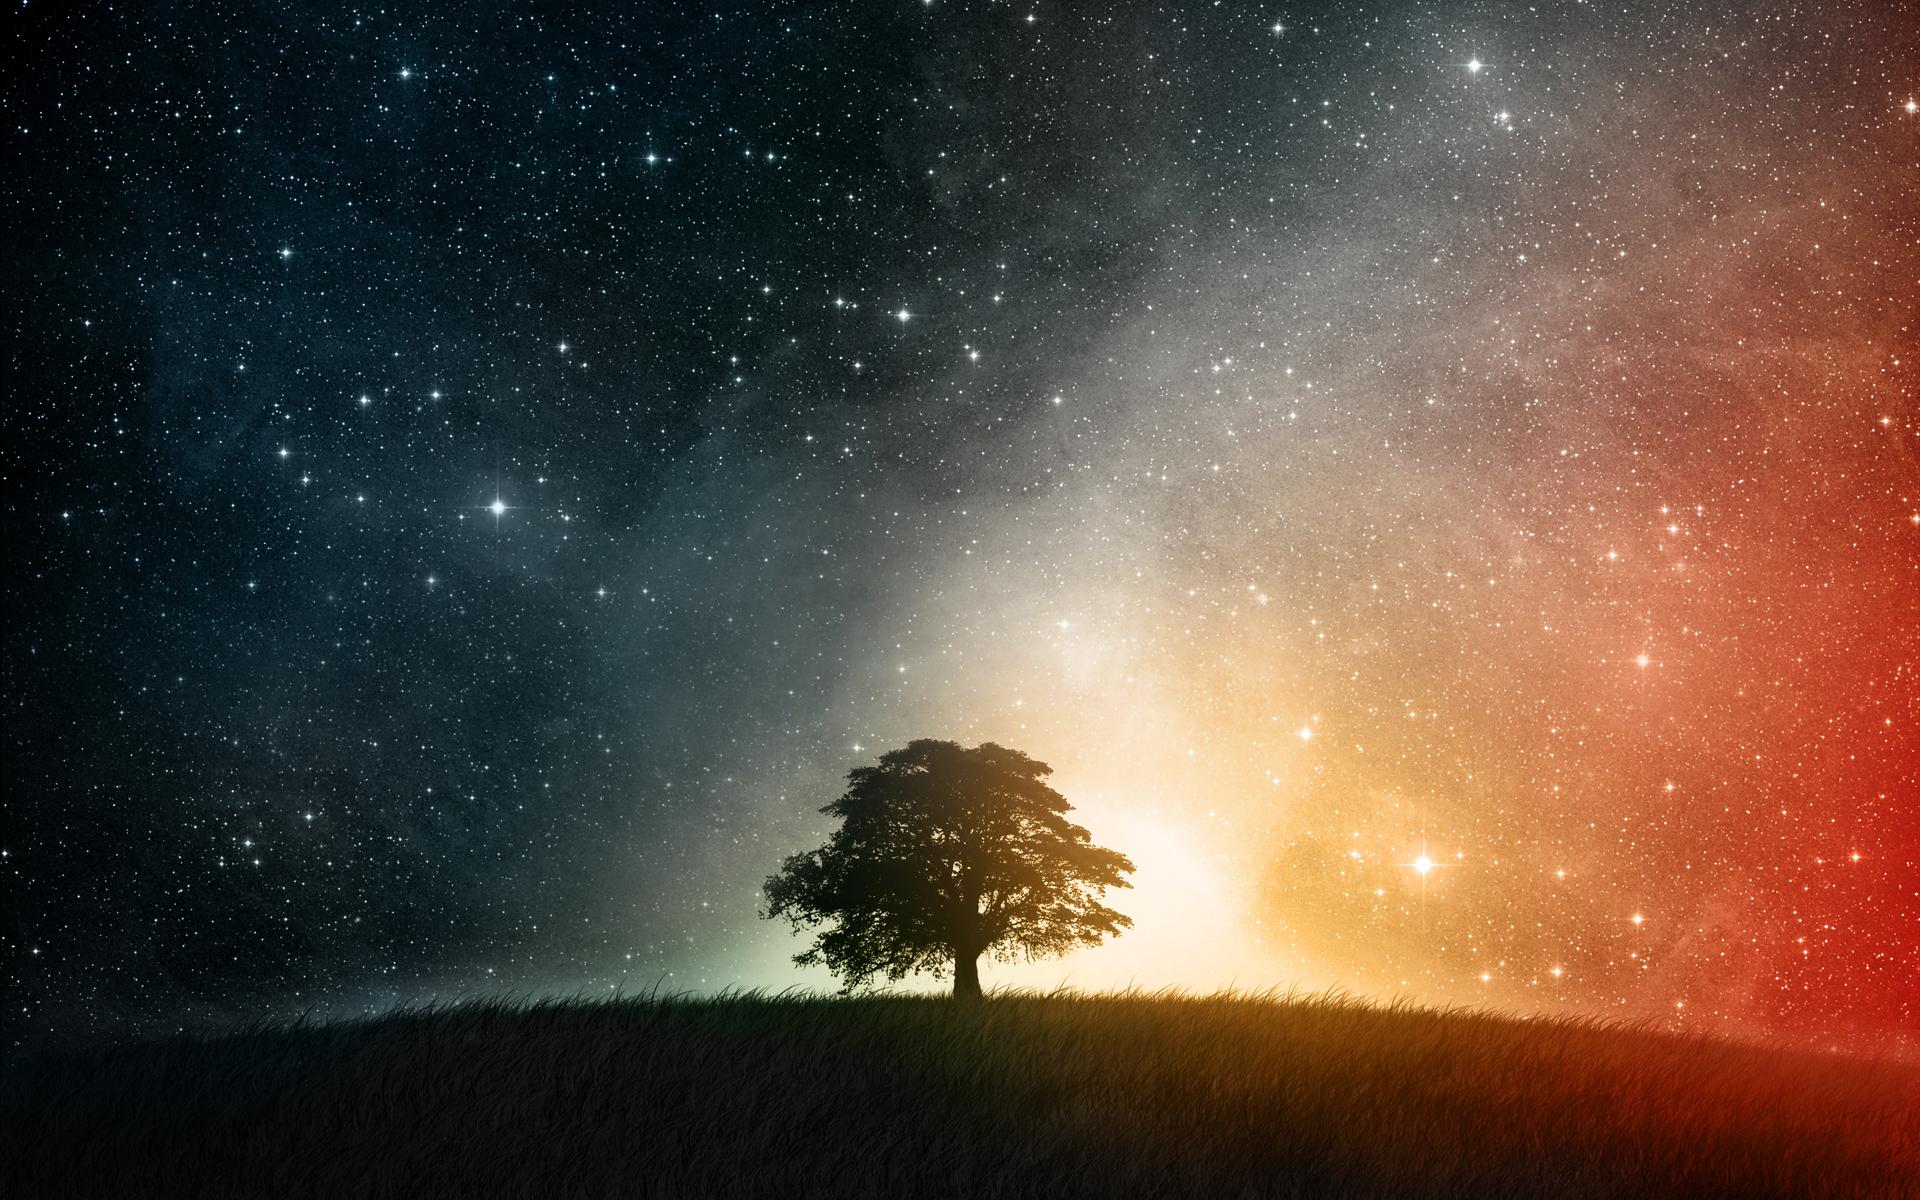 разноцветное звездное небо, космос, скачать фото